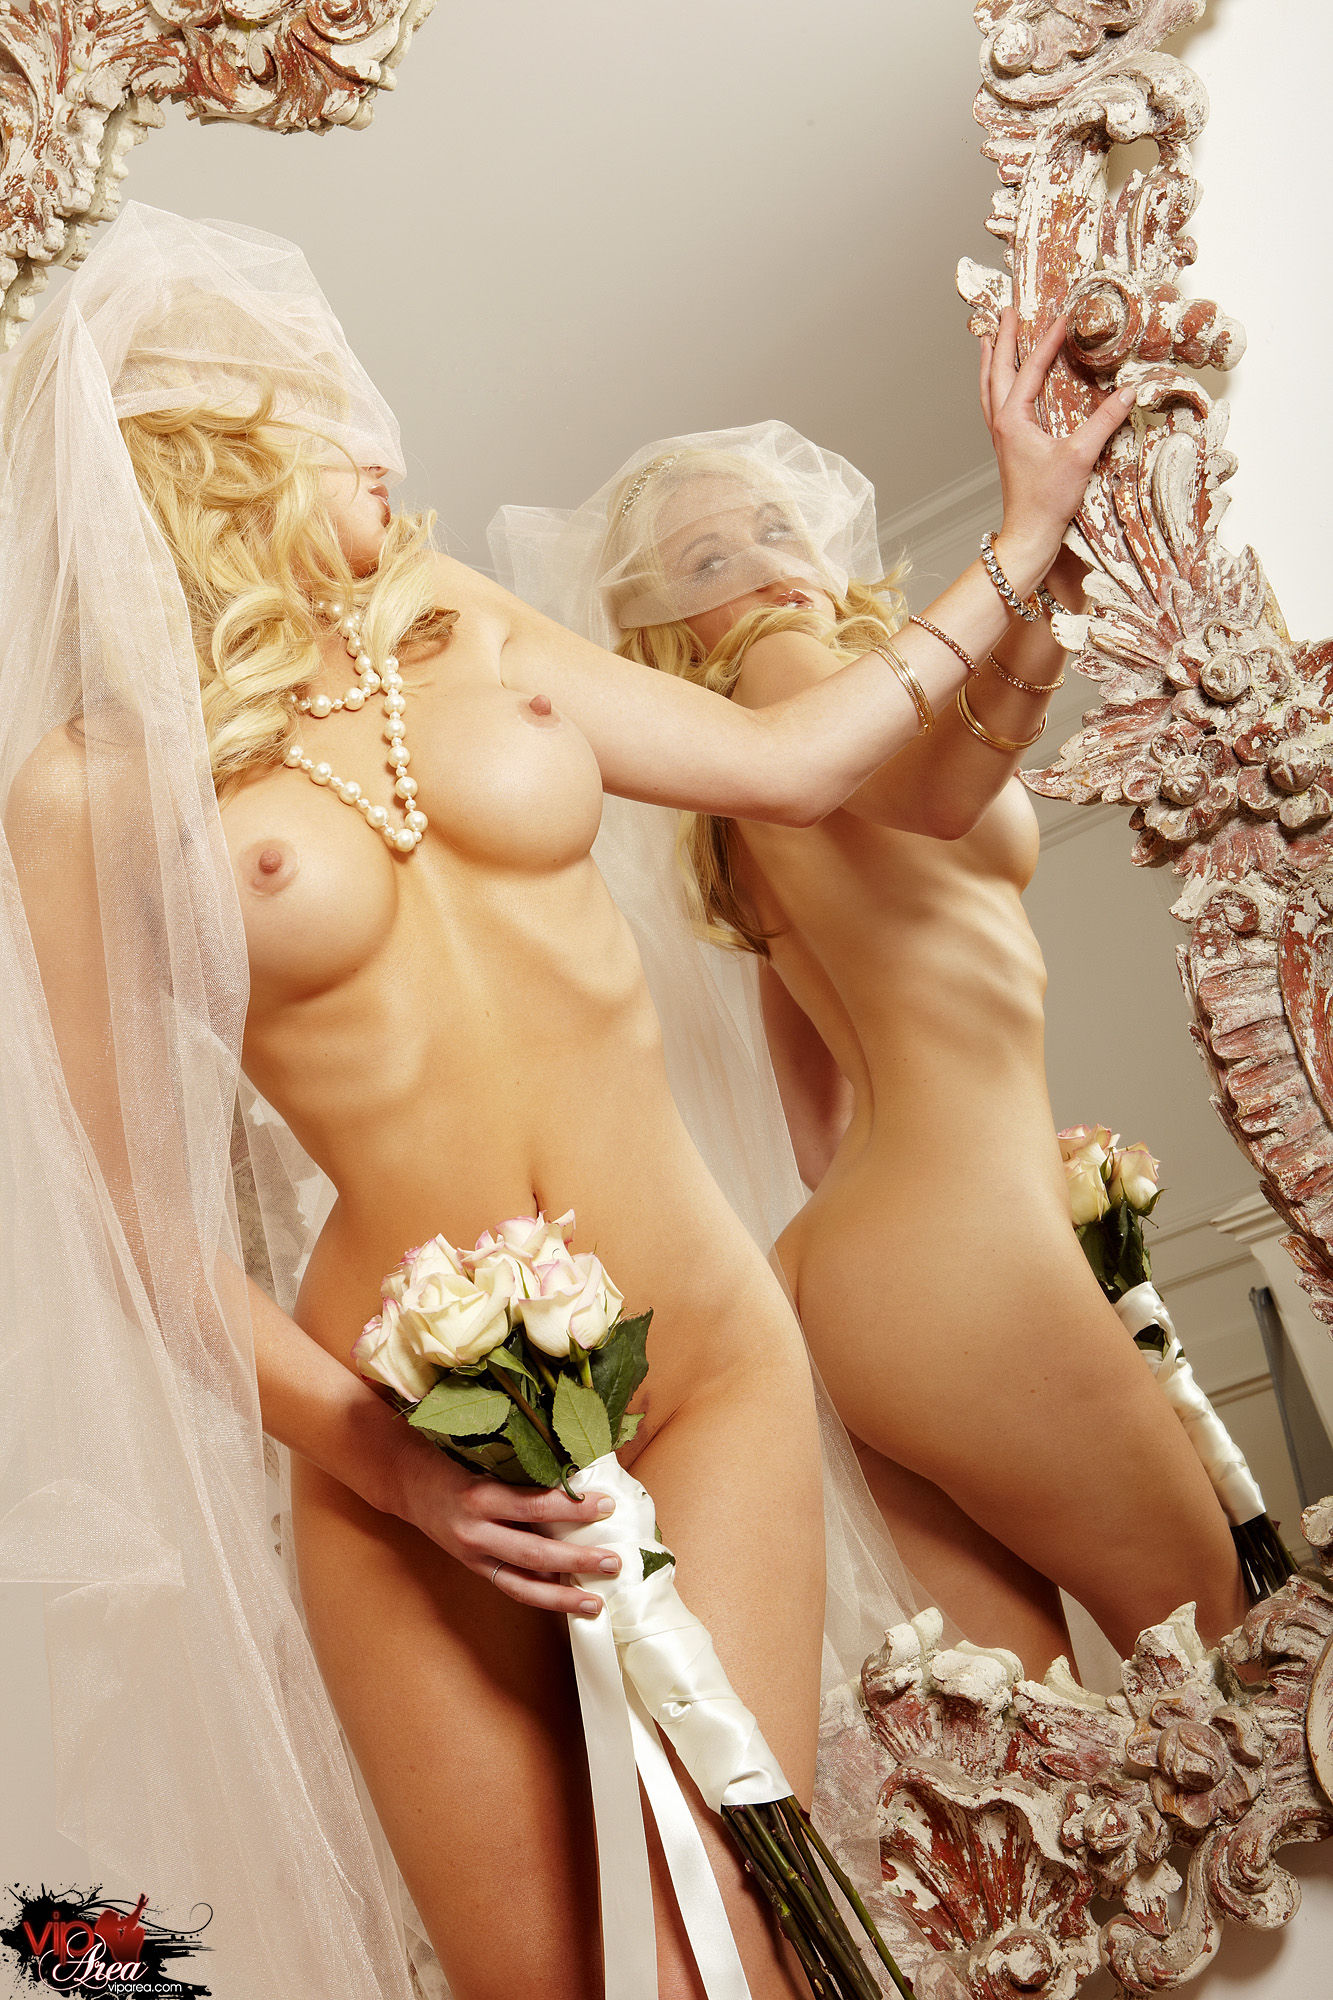 Смотреть эротику невесты